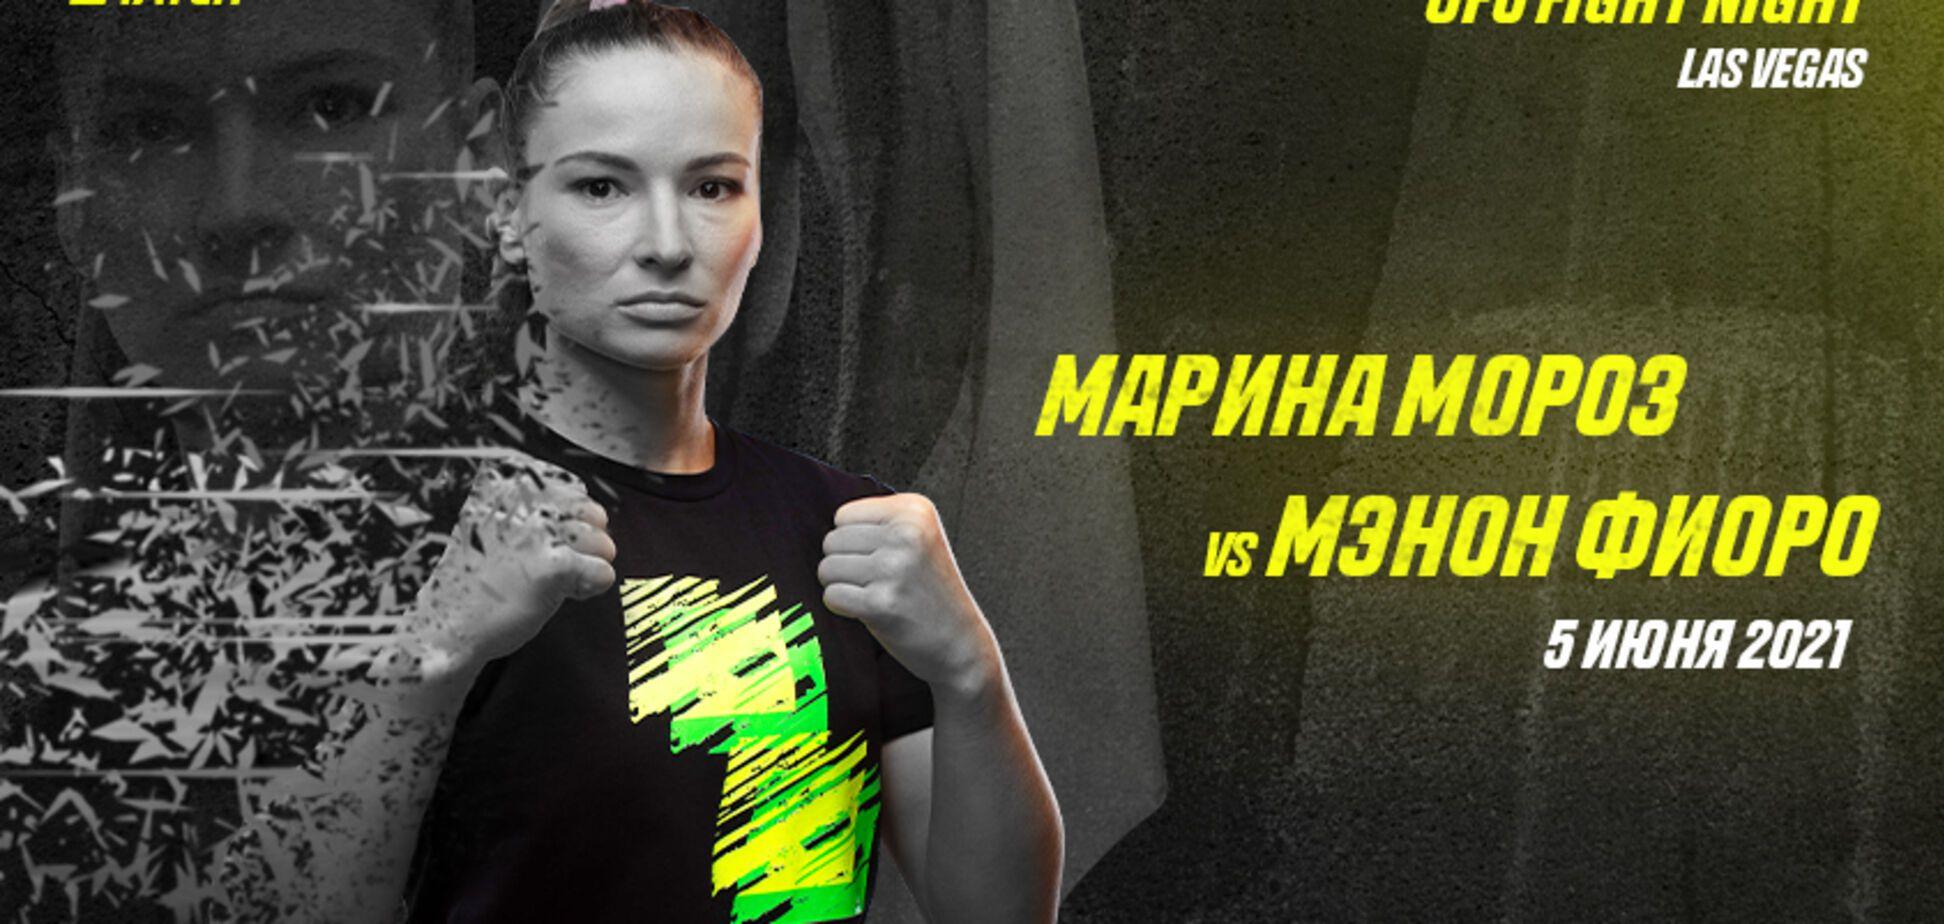 Первая украинка в UFC Марина Мороз проведет бой против француженки Мэнон Фиоро